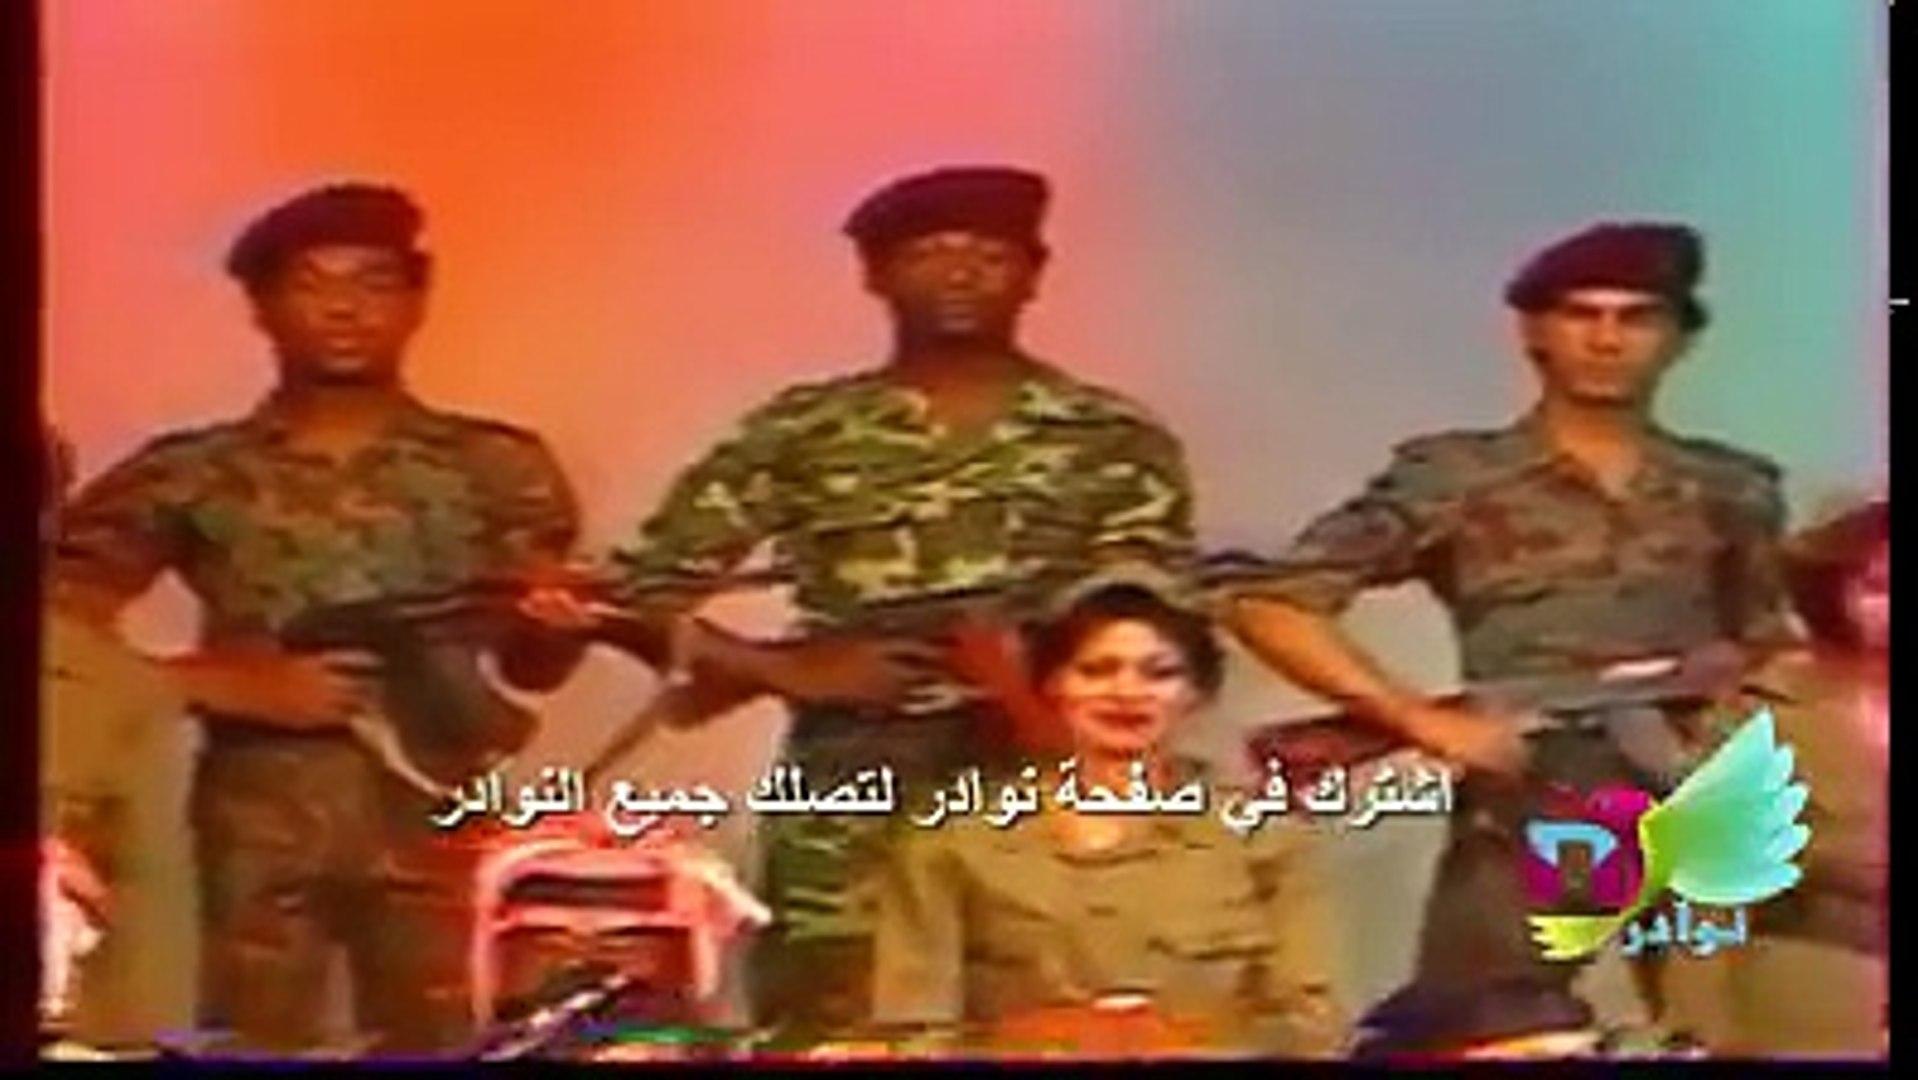 عواطف سلمان كيف وصفت صدام حسين قبل الحرب وبعد الحرب هل هذا نفاق ام ماذا ؟؟؟! نرجوا ان يكون النقاش حض